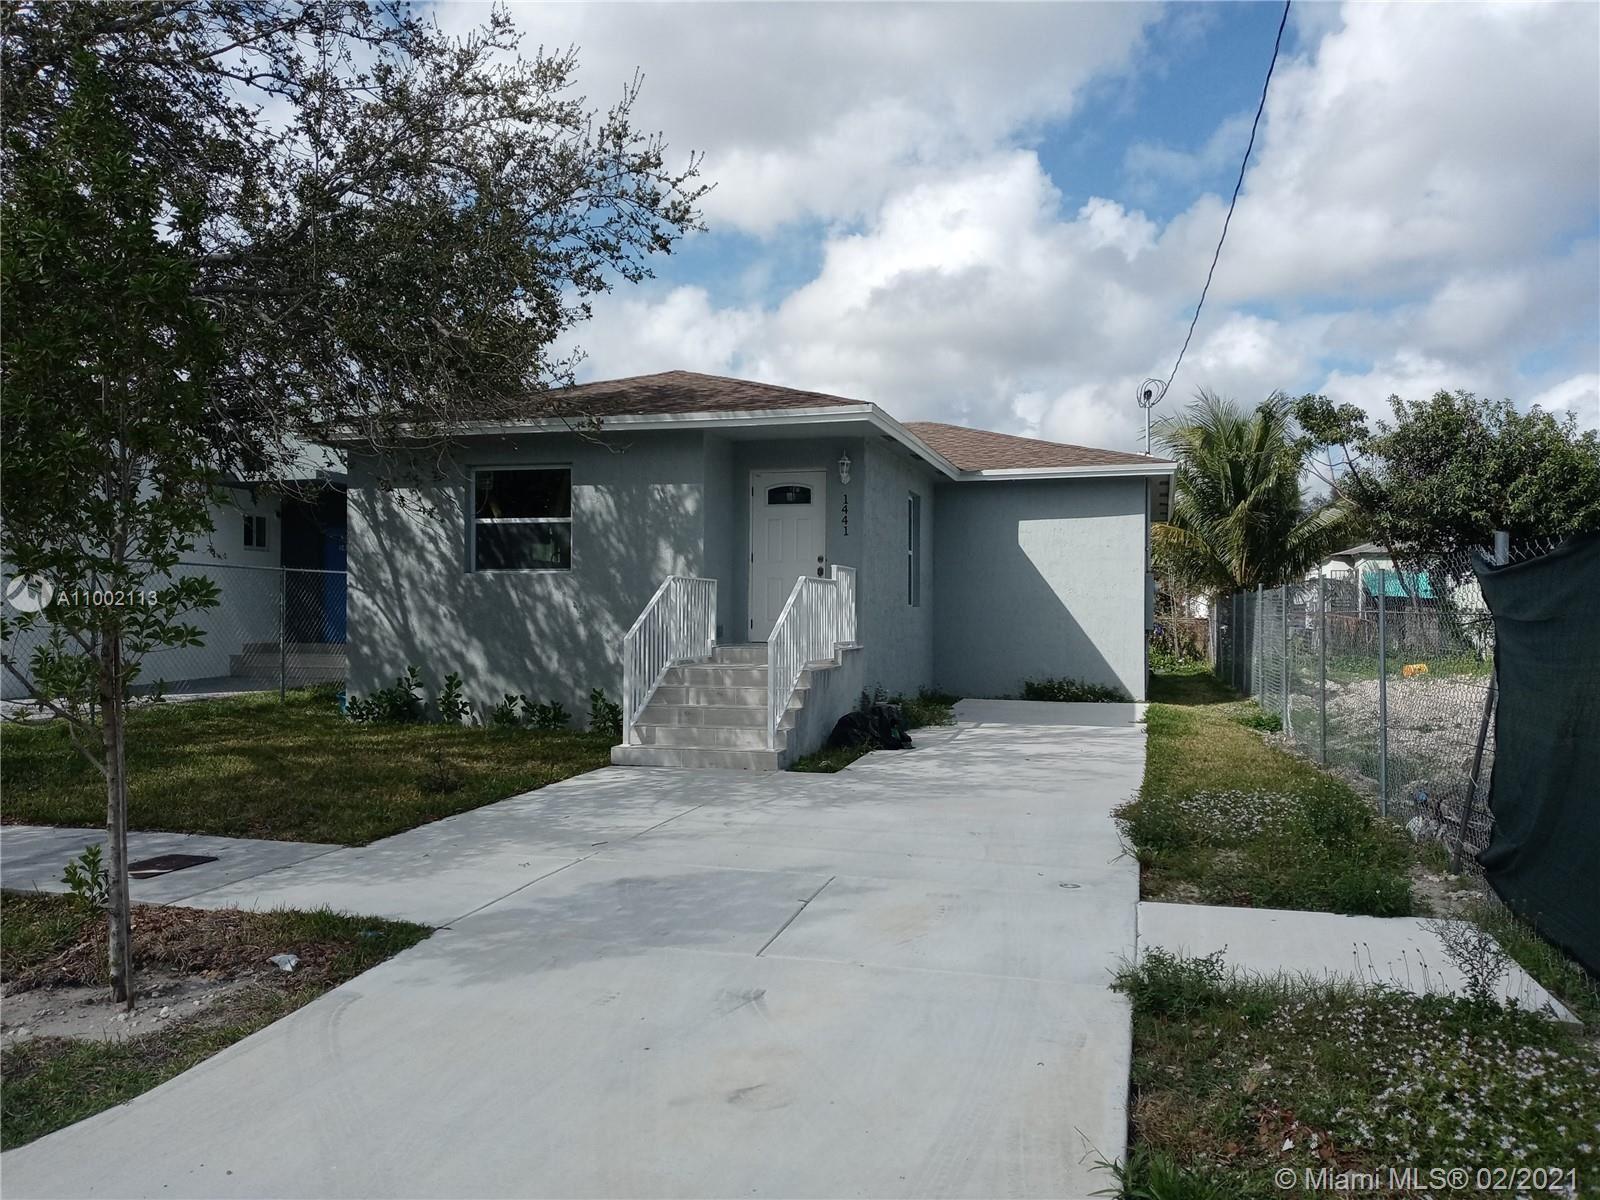 1441 NW 68th St, Miami, FL 33147 - #: A11002113